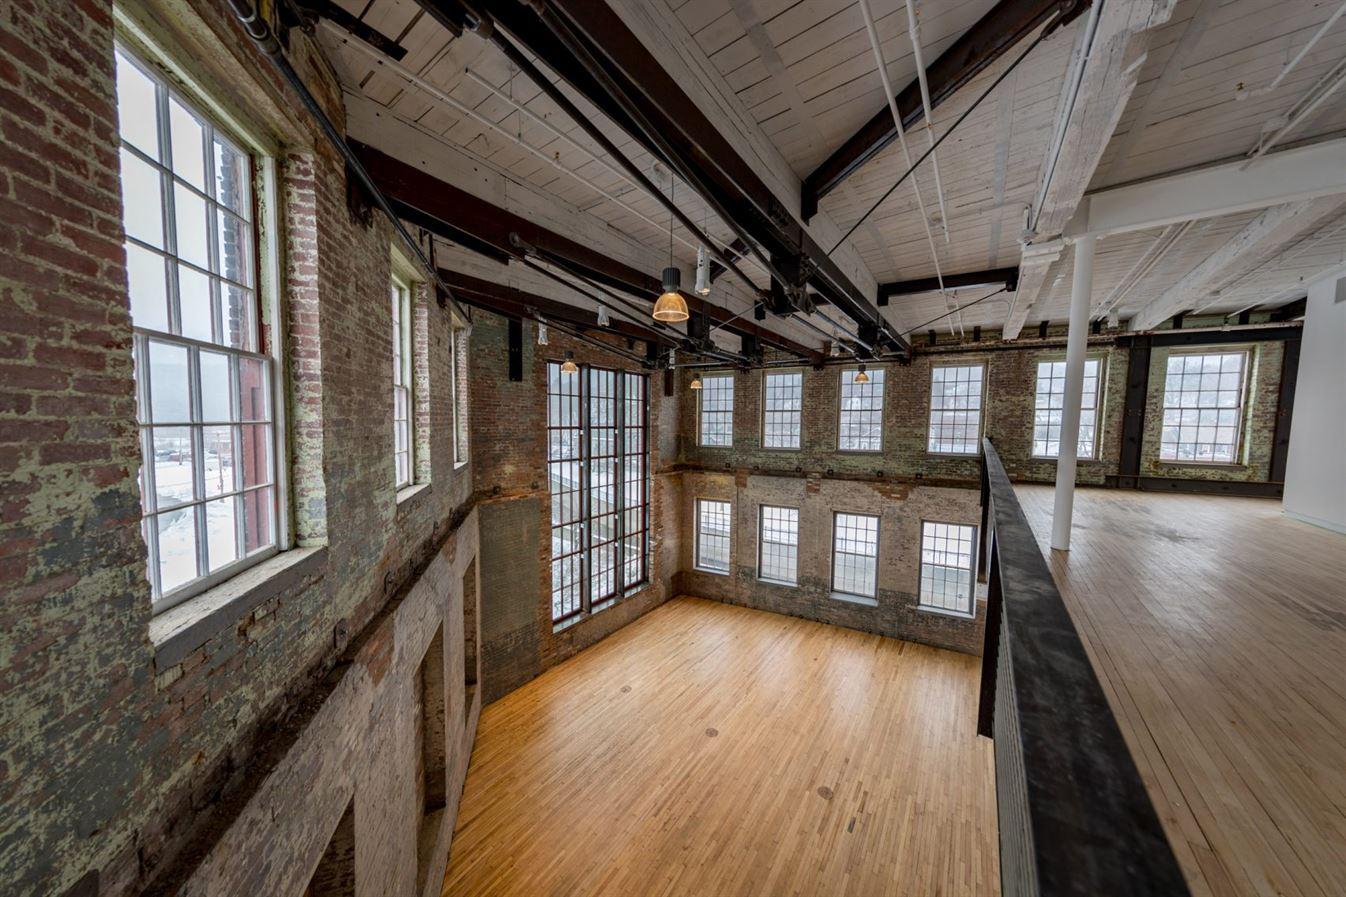 bruner-cott-mass-moca-massachusetts-museum-of-contemporary-art-museum-textile-factory-berkshires-expansion-renovation_dezeen_9-1704